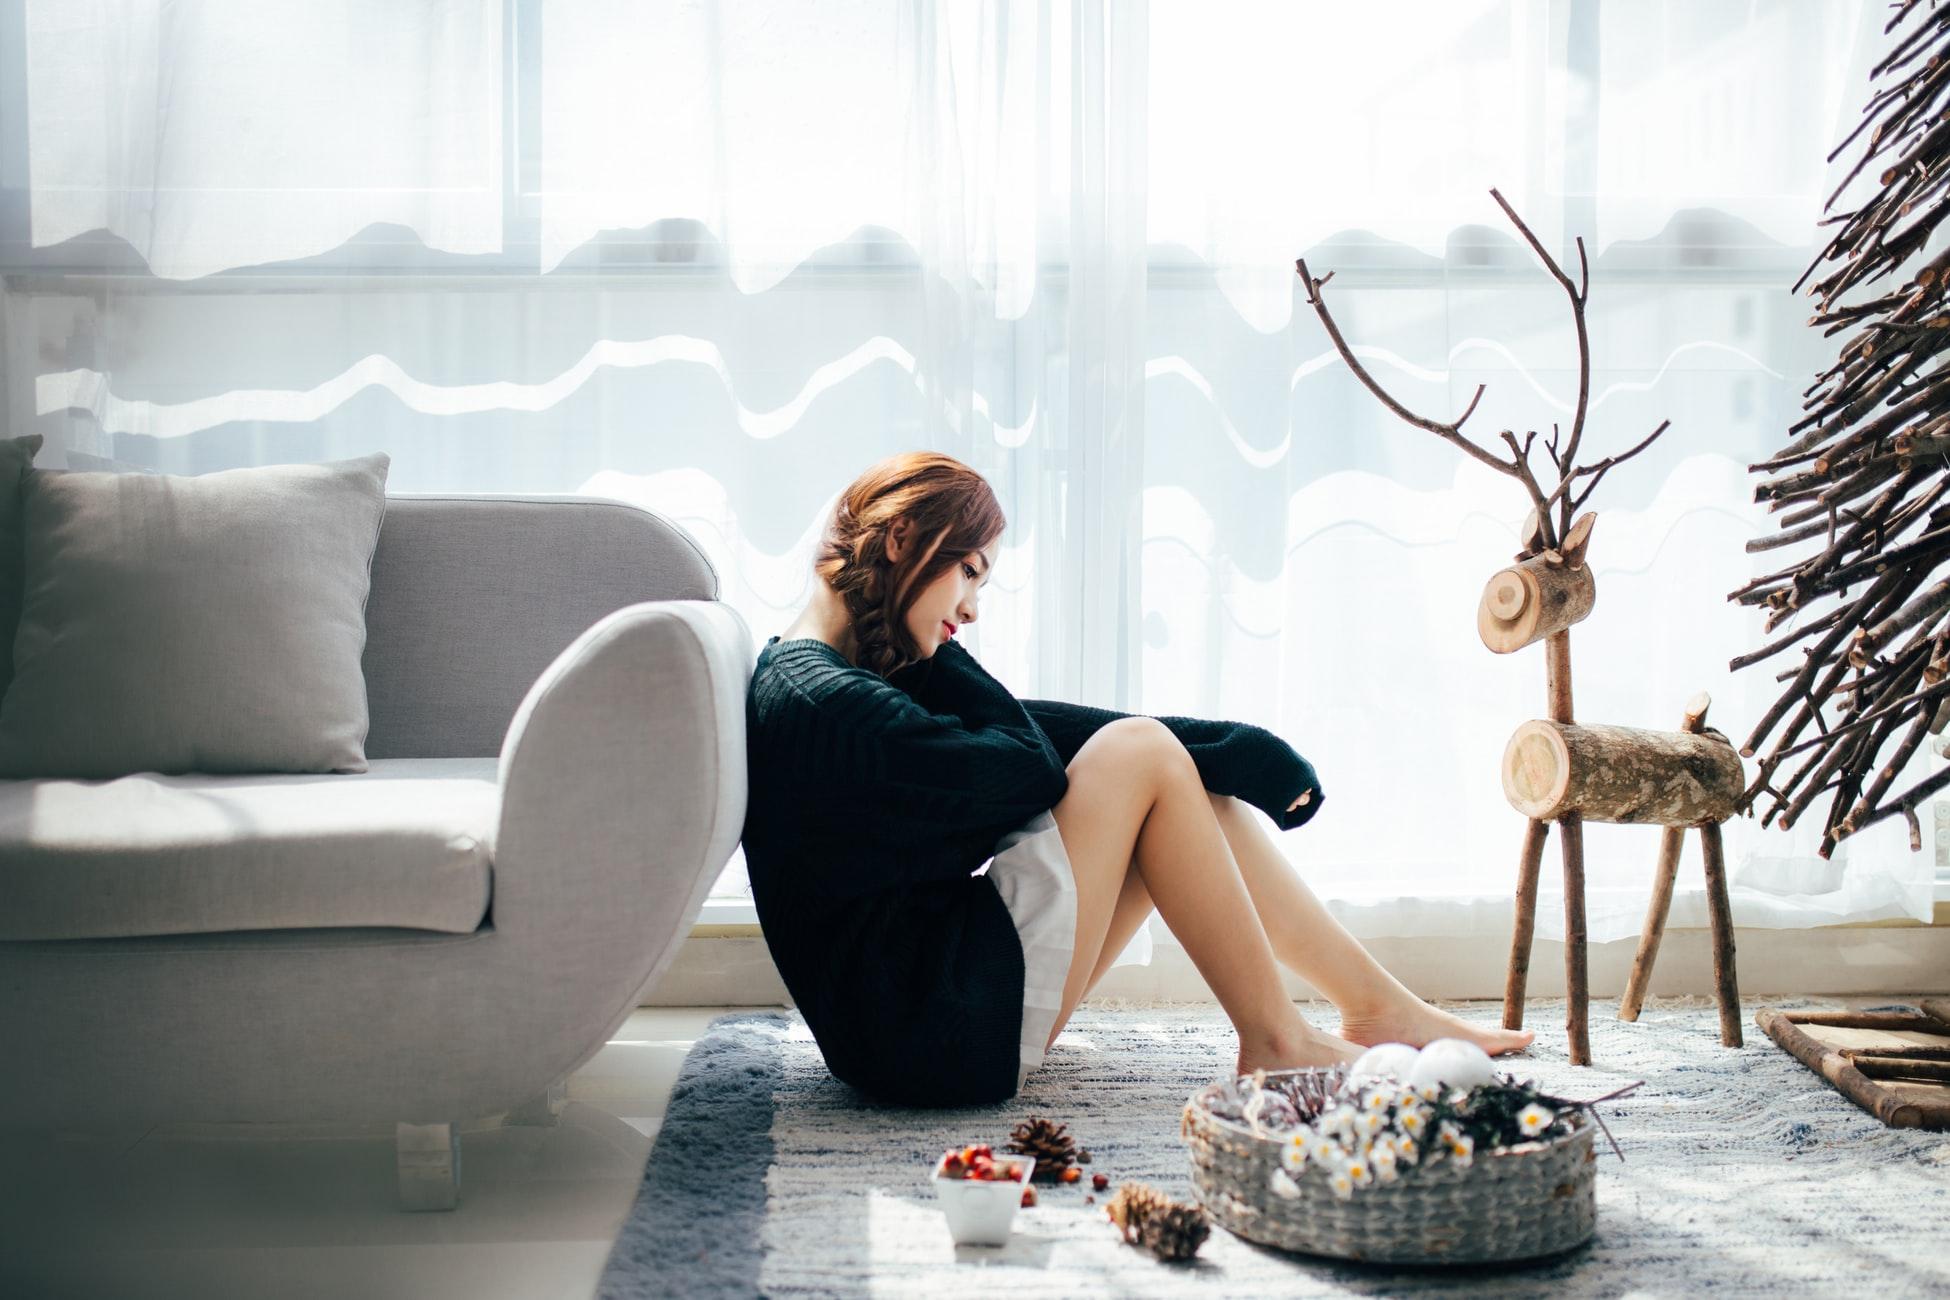 cô gái ngồi bó gối dựa vào sofa - cung hoảng đạo